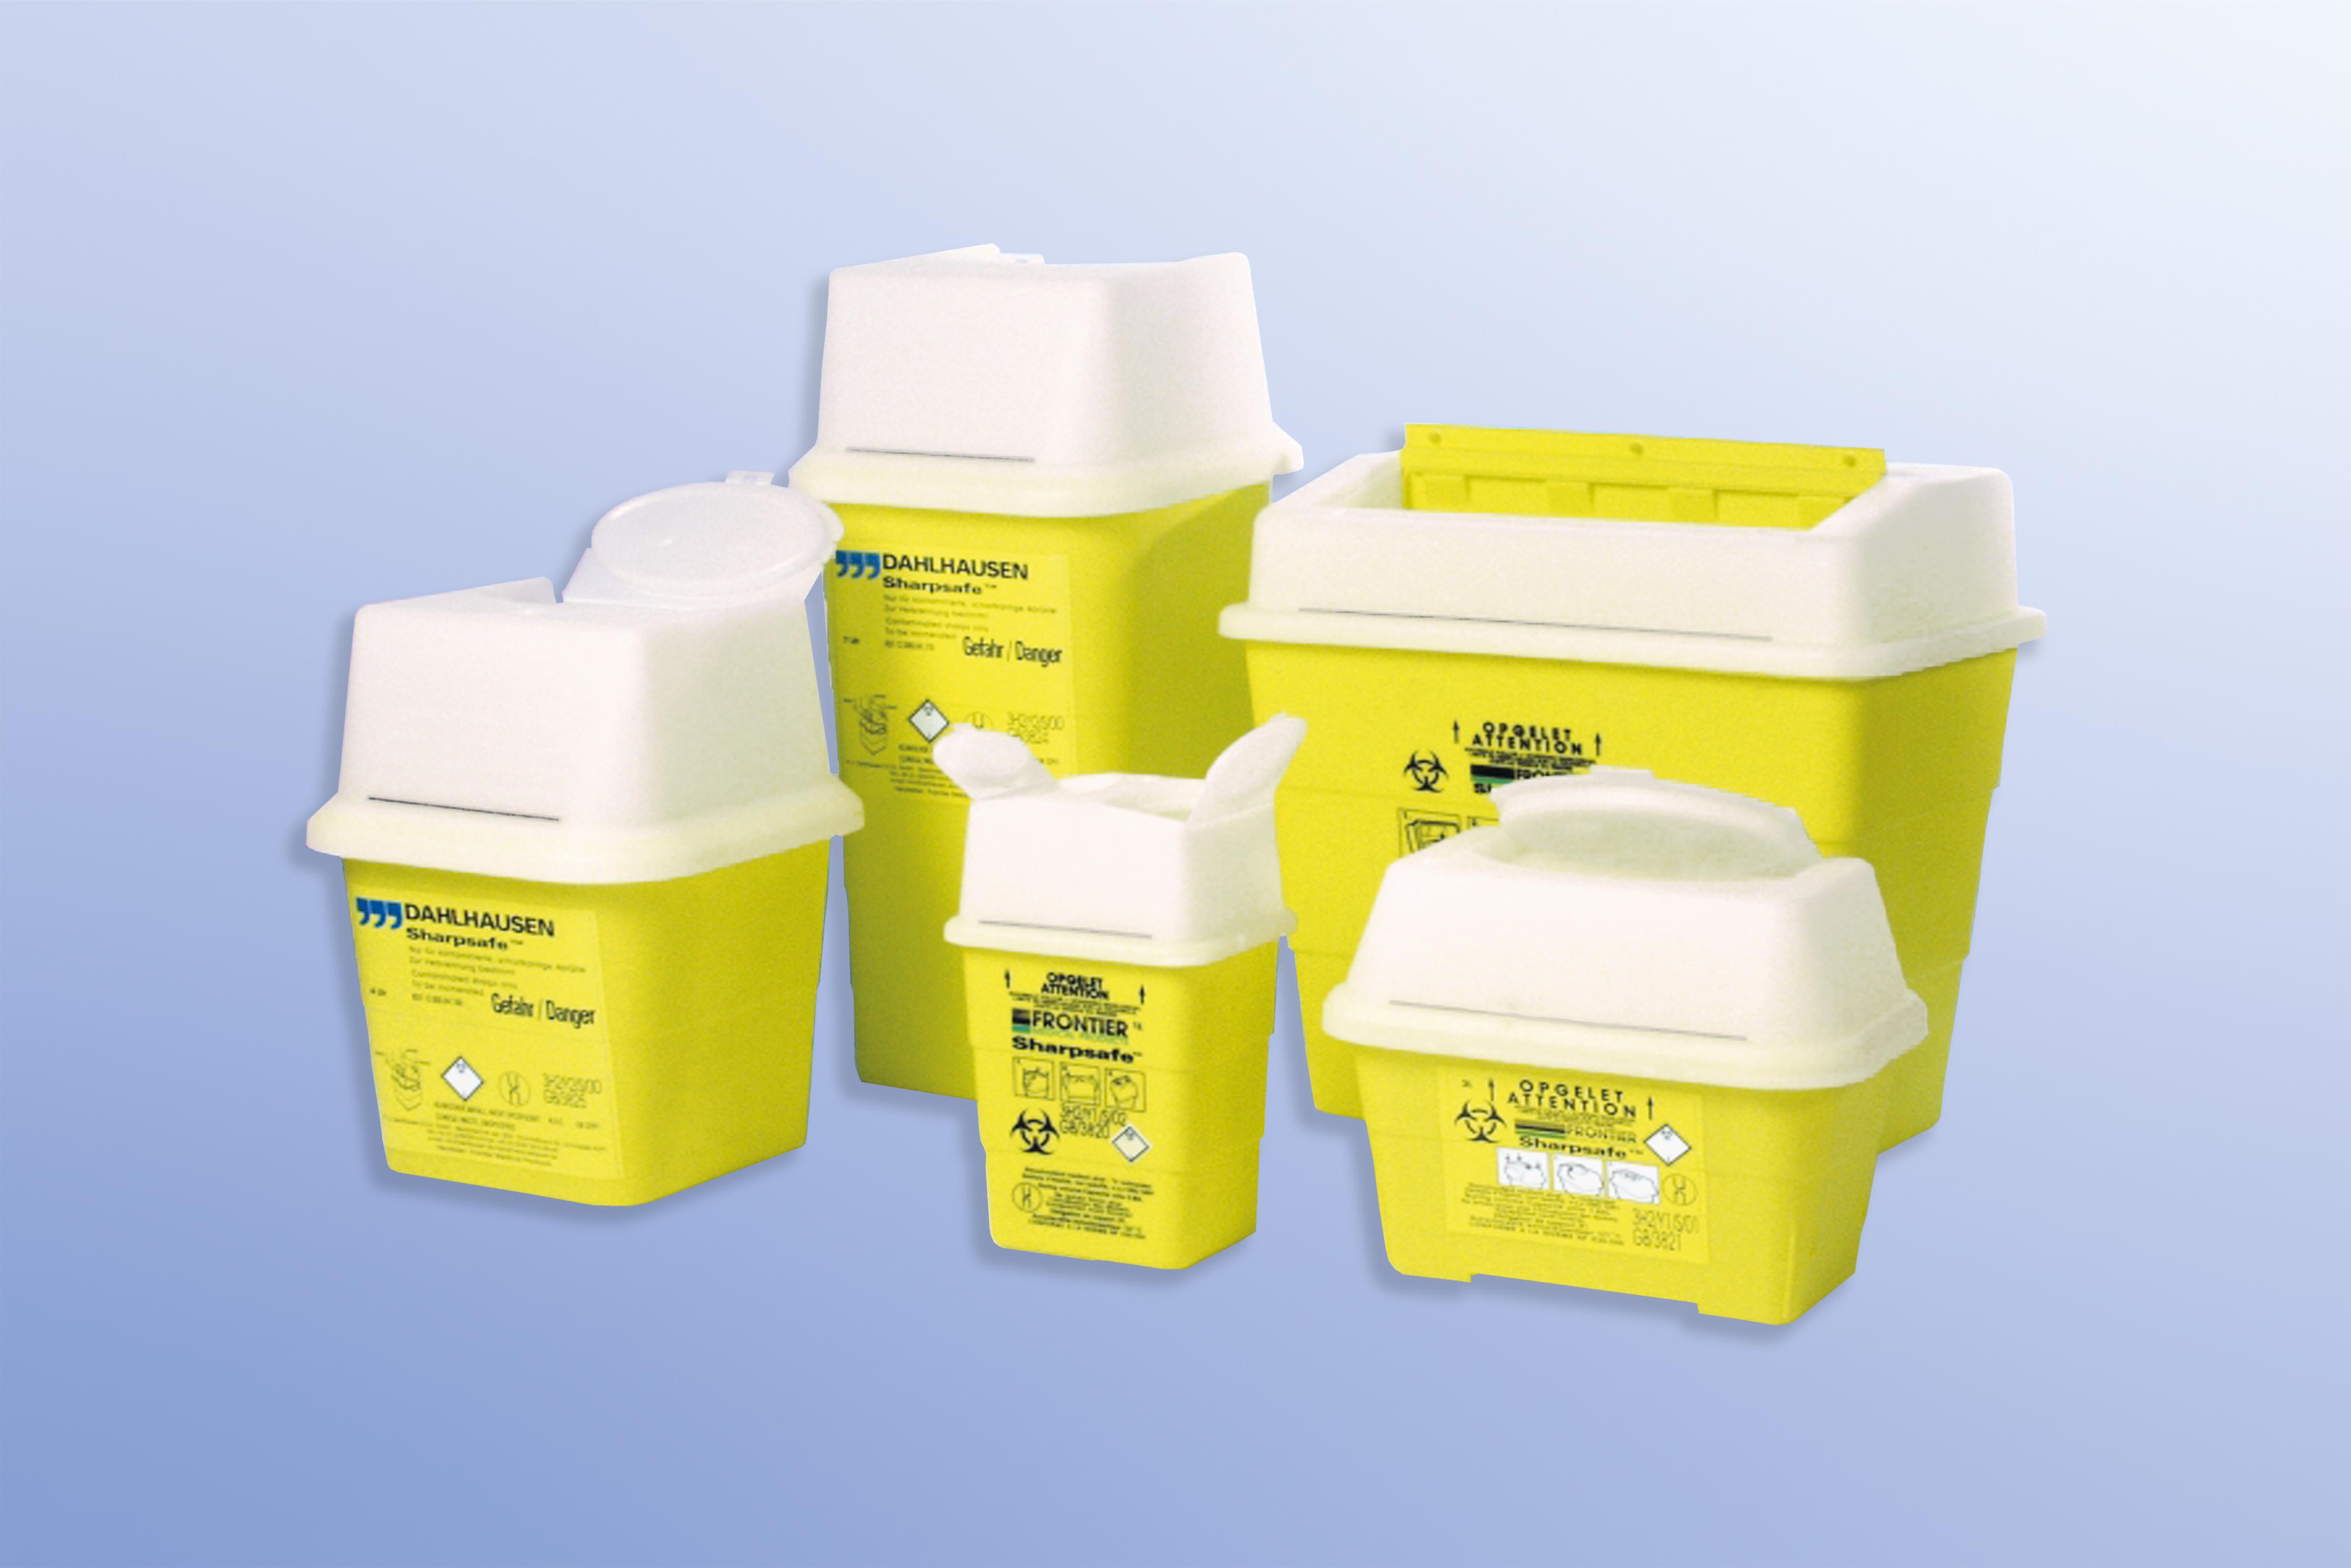 Abwurfbehälter Sharpsafe, 2,0 Liter, Maße: 177 x 197 x 126 mm